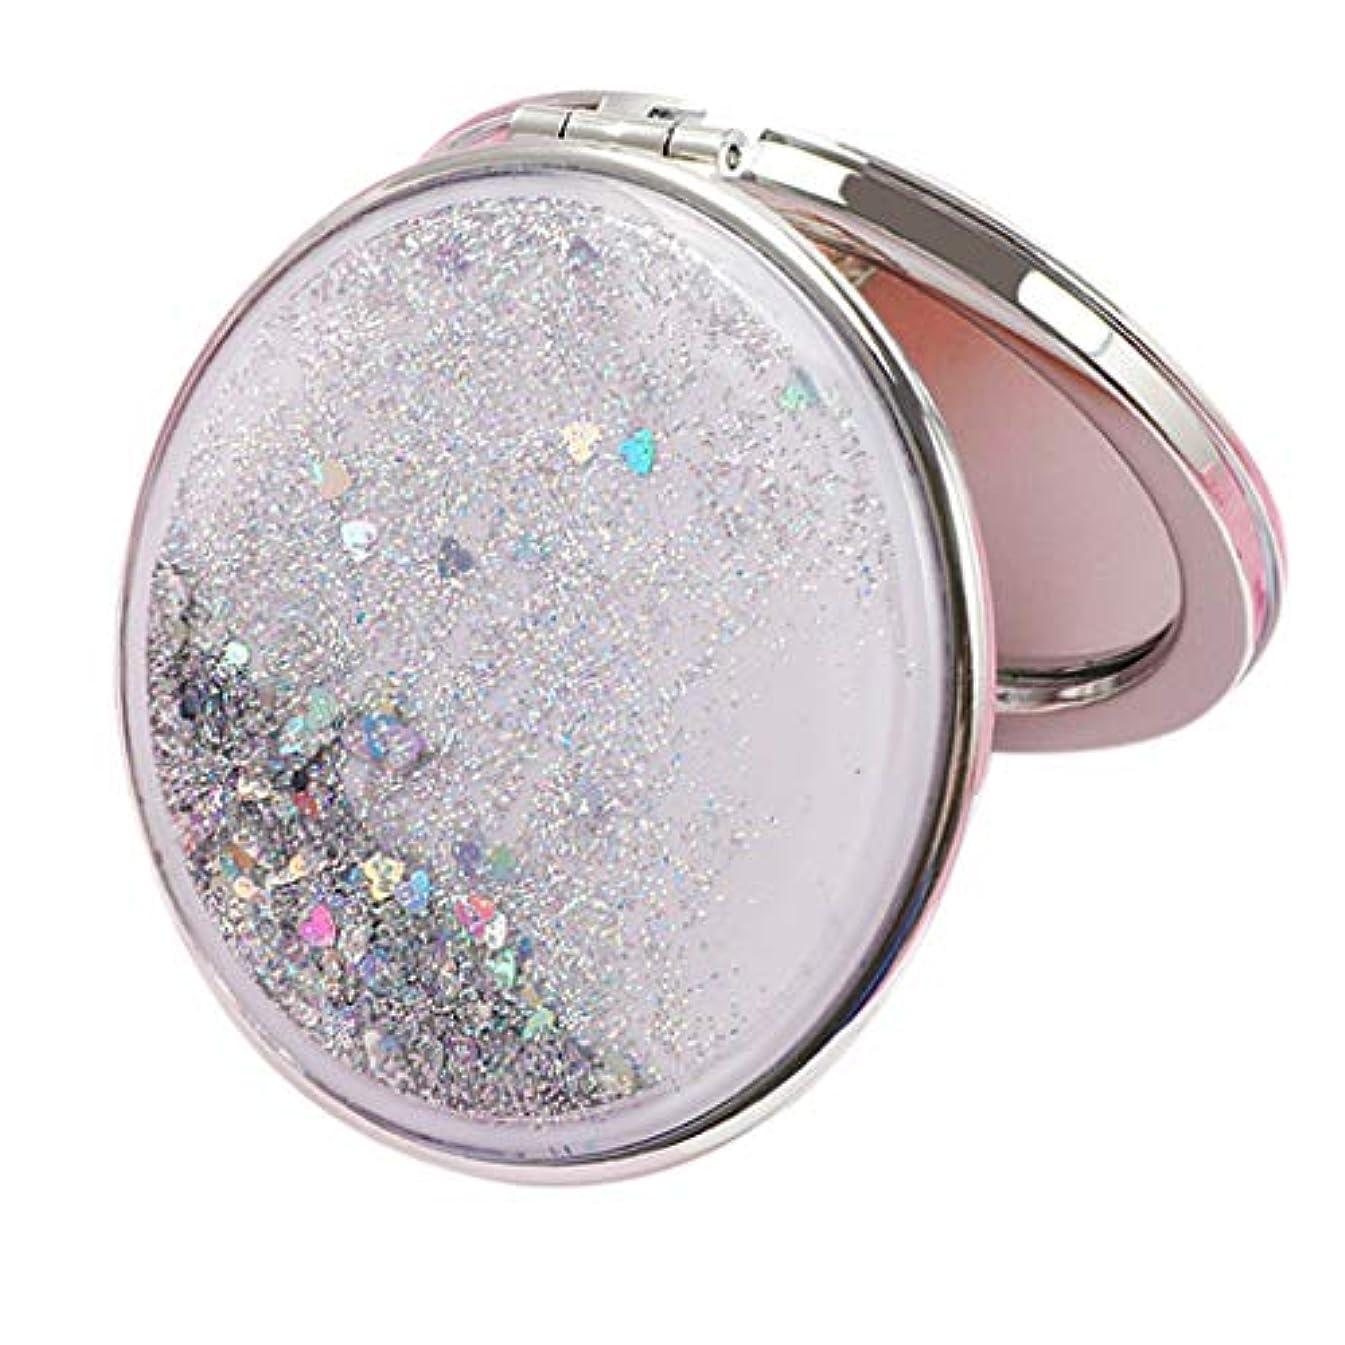 針敵意変形する両面コンパクトミラー 化粧鏡 流砂デザイン 折りたたみ式 コンパクト鏡 携帯ミラー 外出に 全10種 - シルバーラウンド